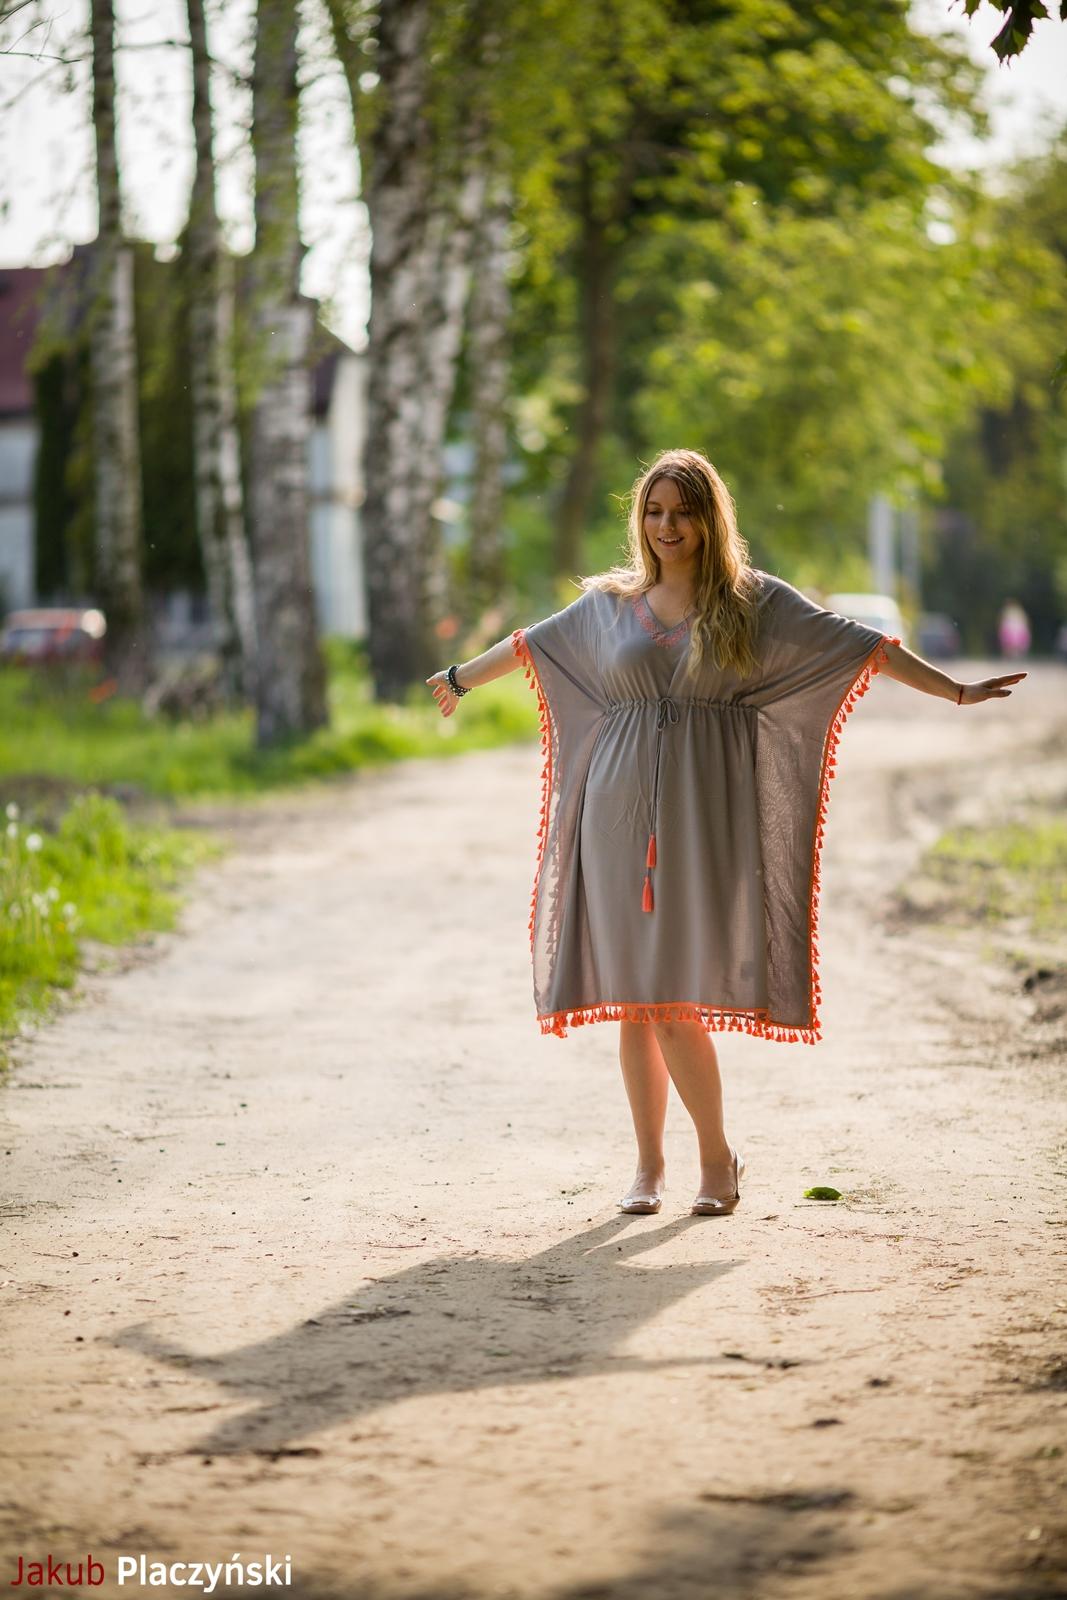 9 sukienka szara z frędzlami maxi na lato bonprix sukienki na wakacje bizuteria piotrowski kryształy svarowskiego letnia stylizacja melodylaniella sukienka dla wysokiej dziewczyny fashion moda